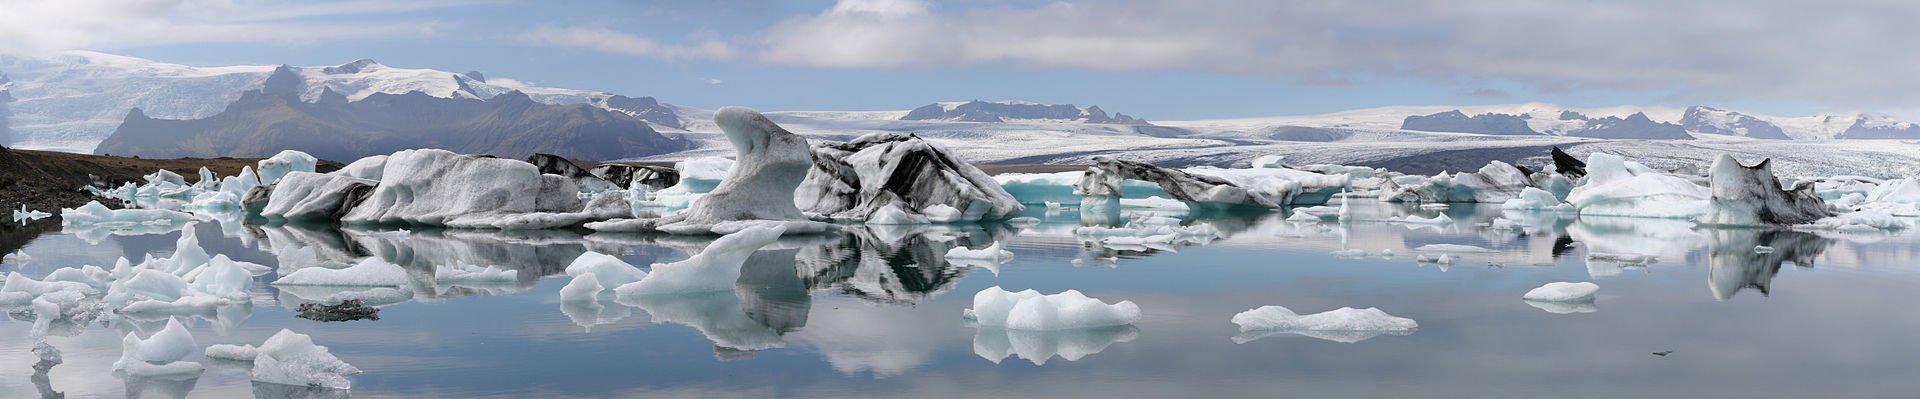 Jokulsarlon_Panorama fotos para amar a Islândia